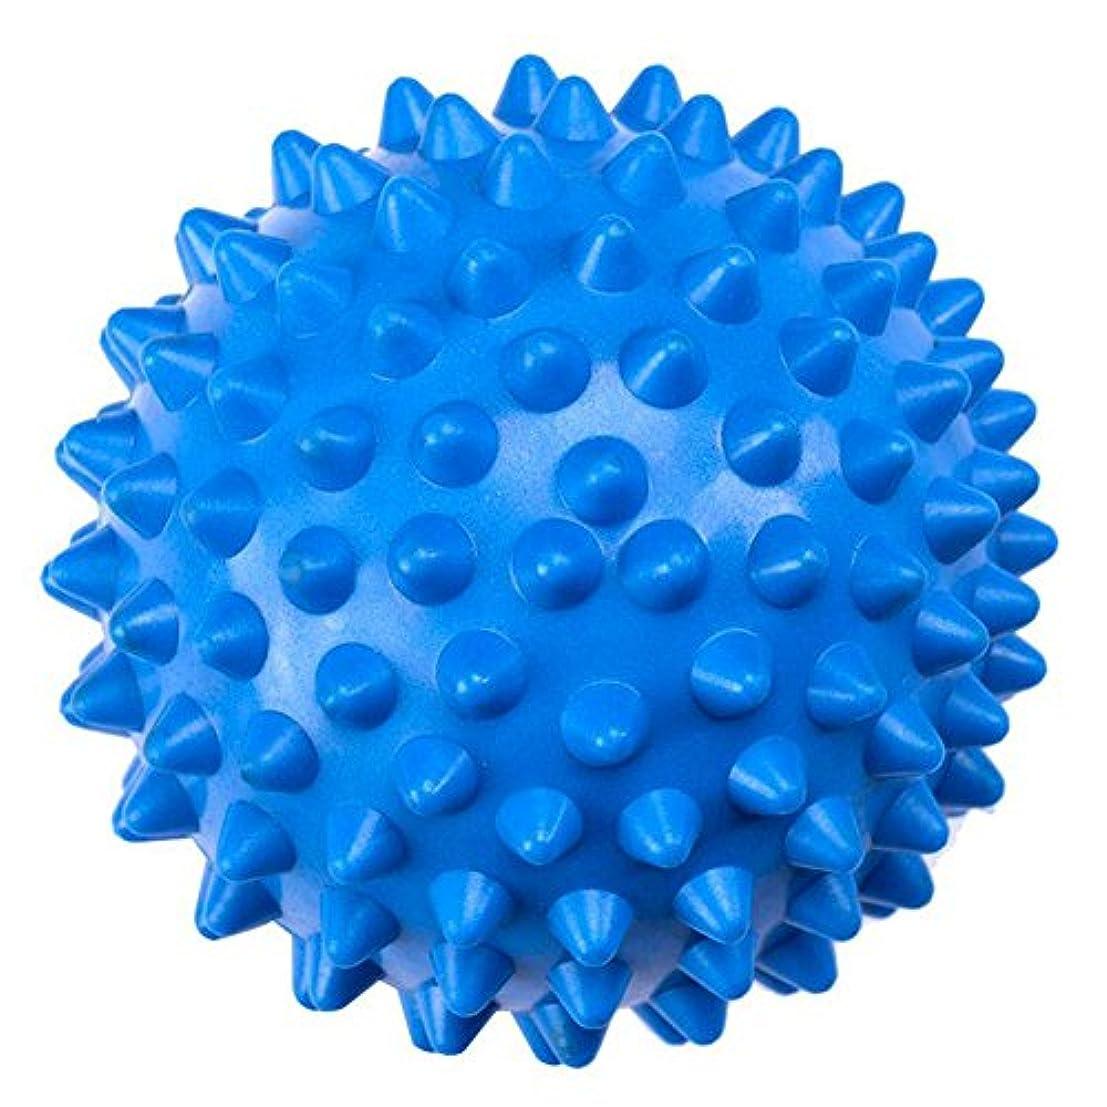 後者講堂スパイHiCollie マッサージボール 触覚ボール リフレックスボール トレーニングボール ポイントマッサージ 筋筋膜リリース 筋肉緊張和らげ 血液循環促進 6cm